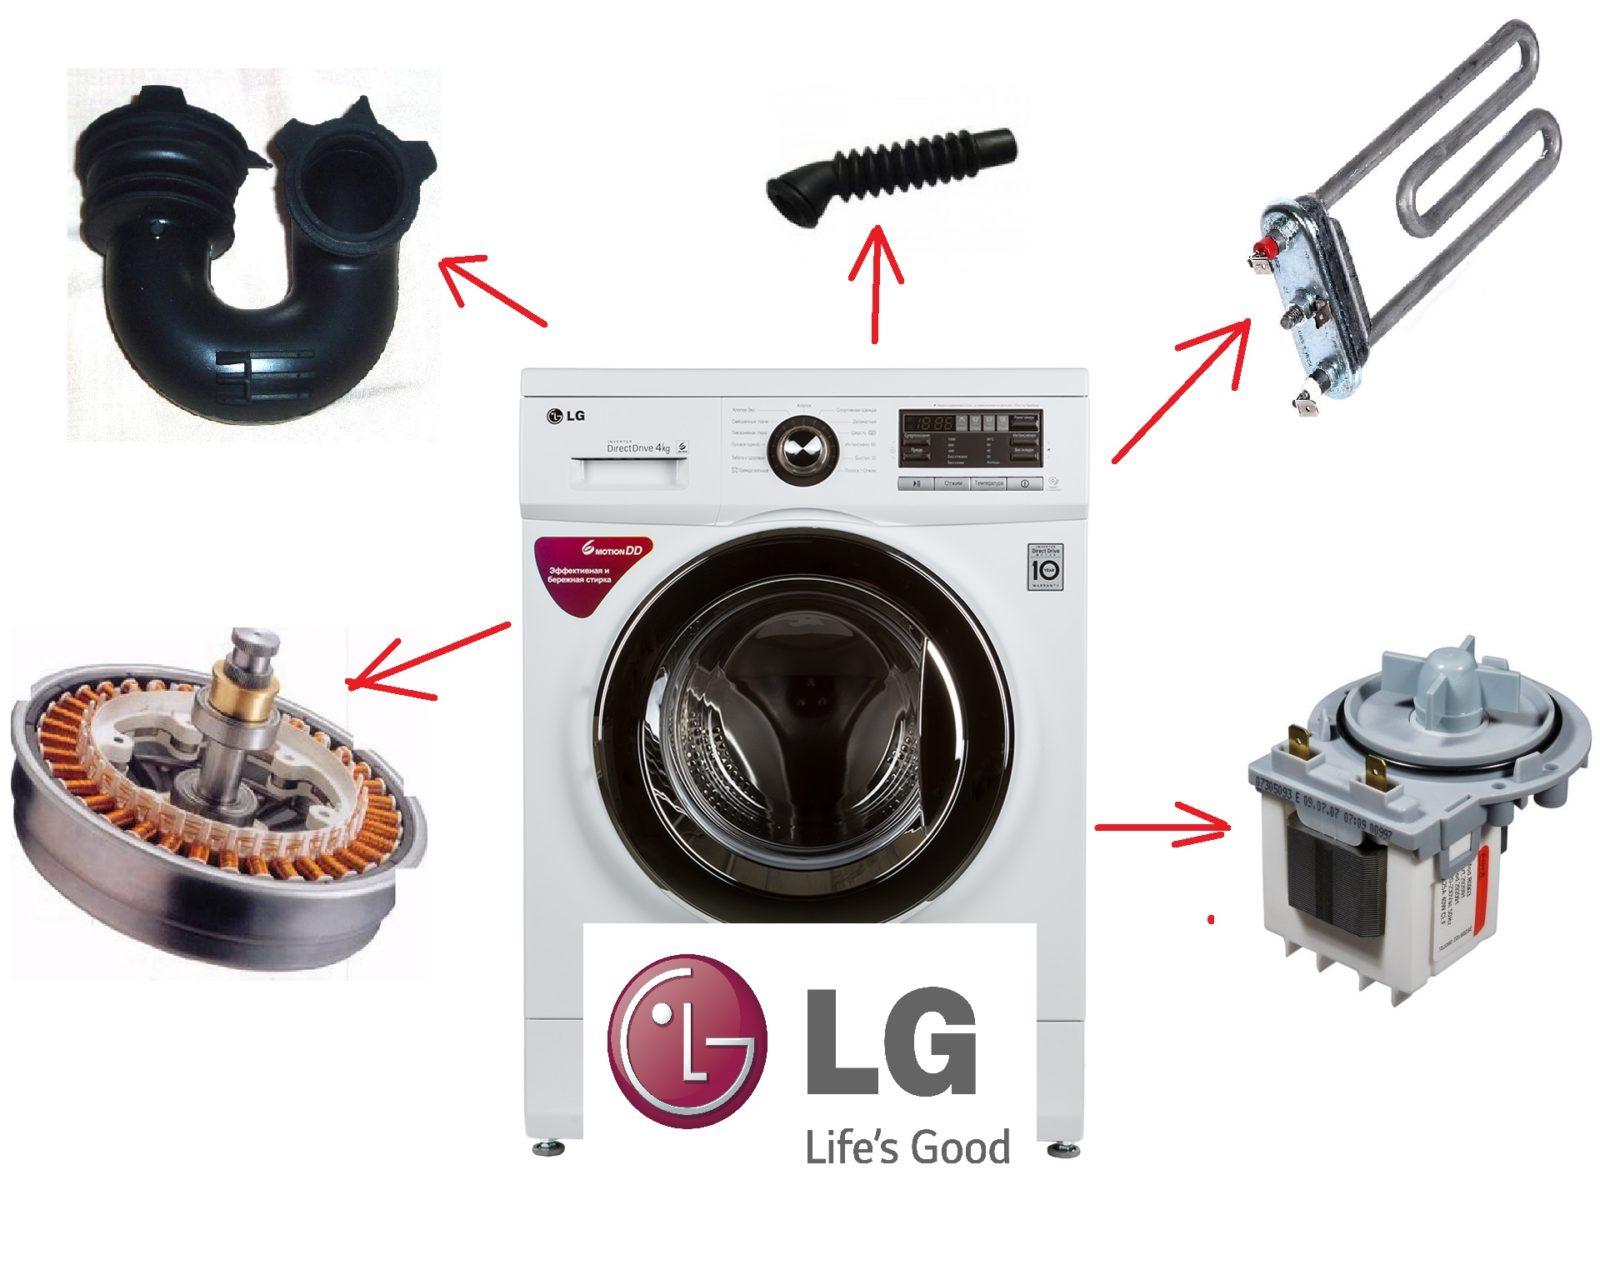 Направи си разглобяване на пералнята на LG